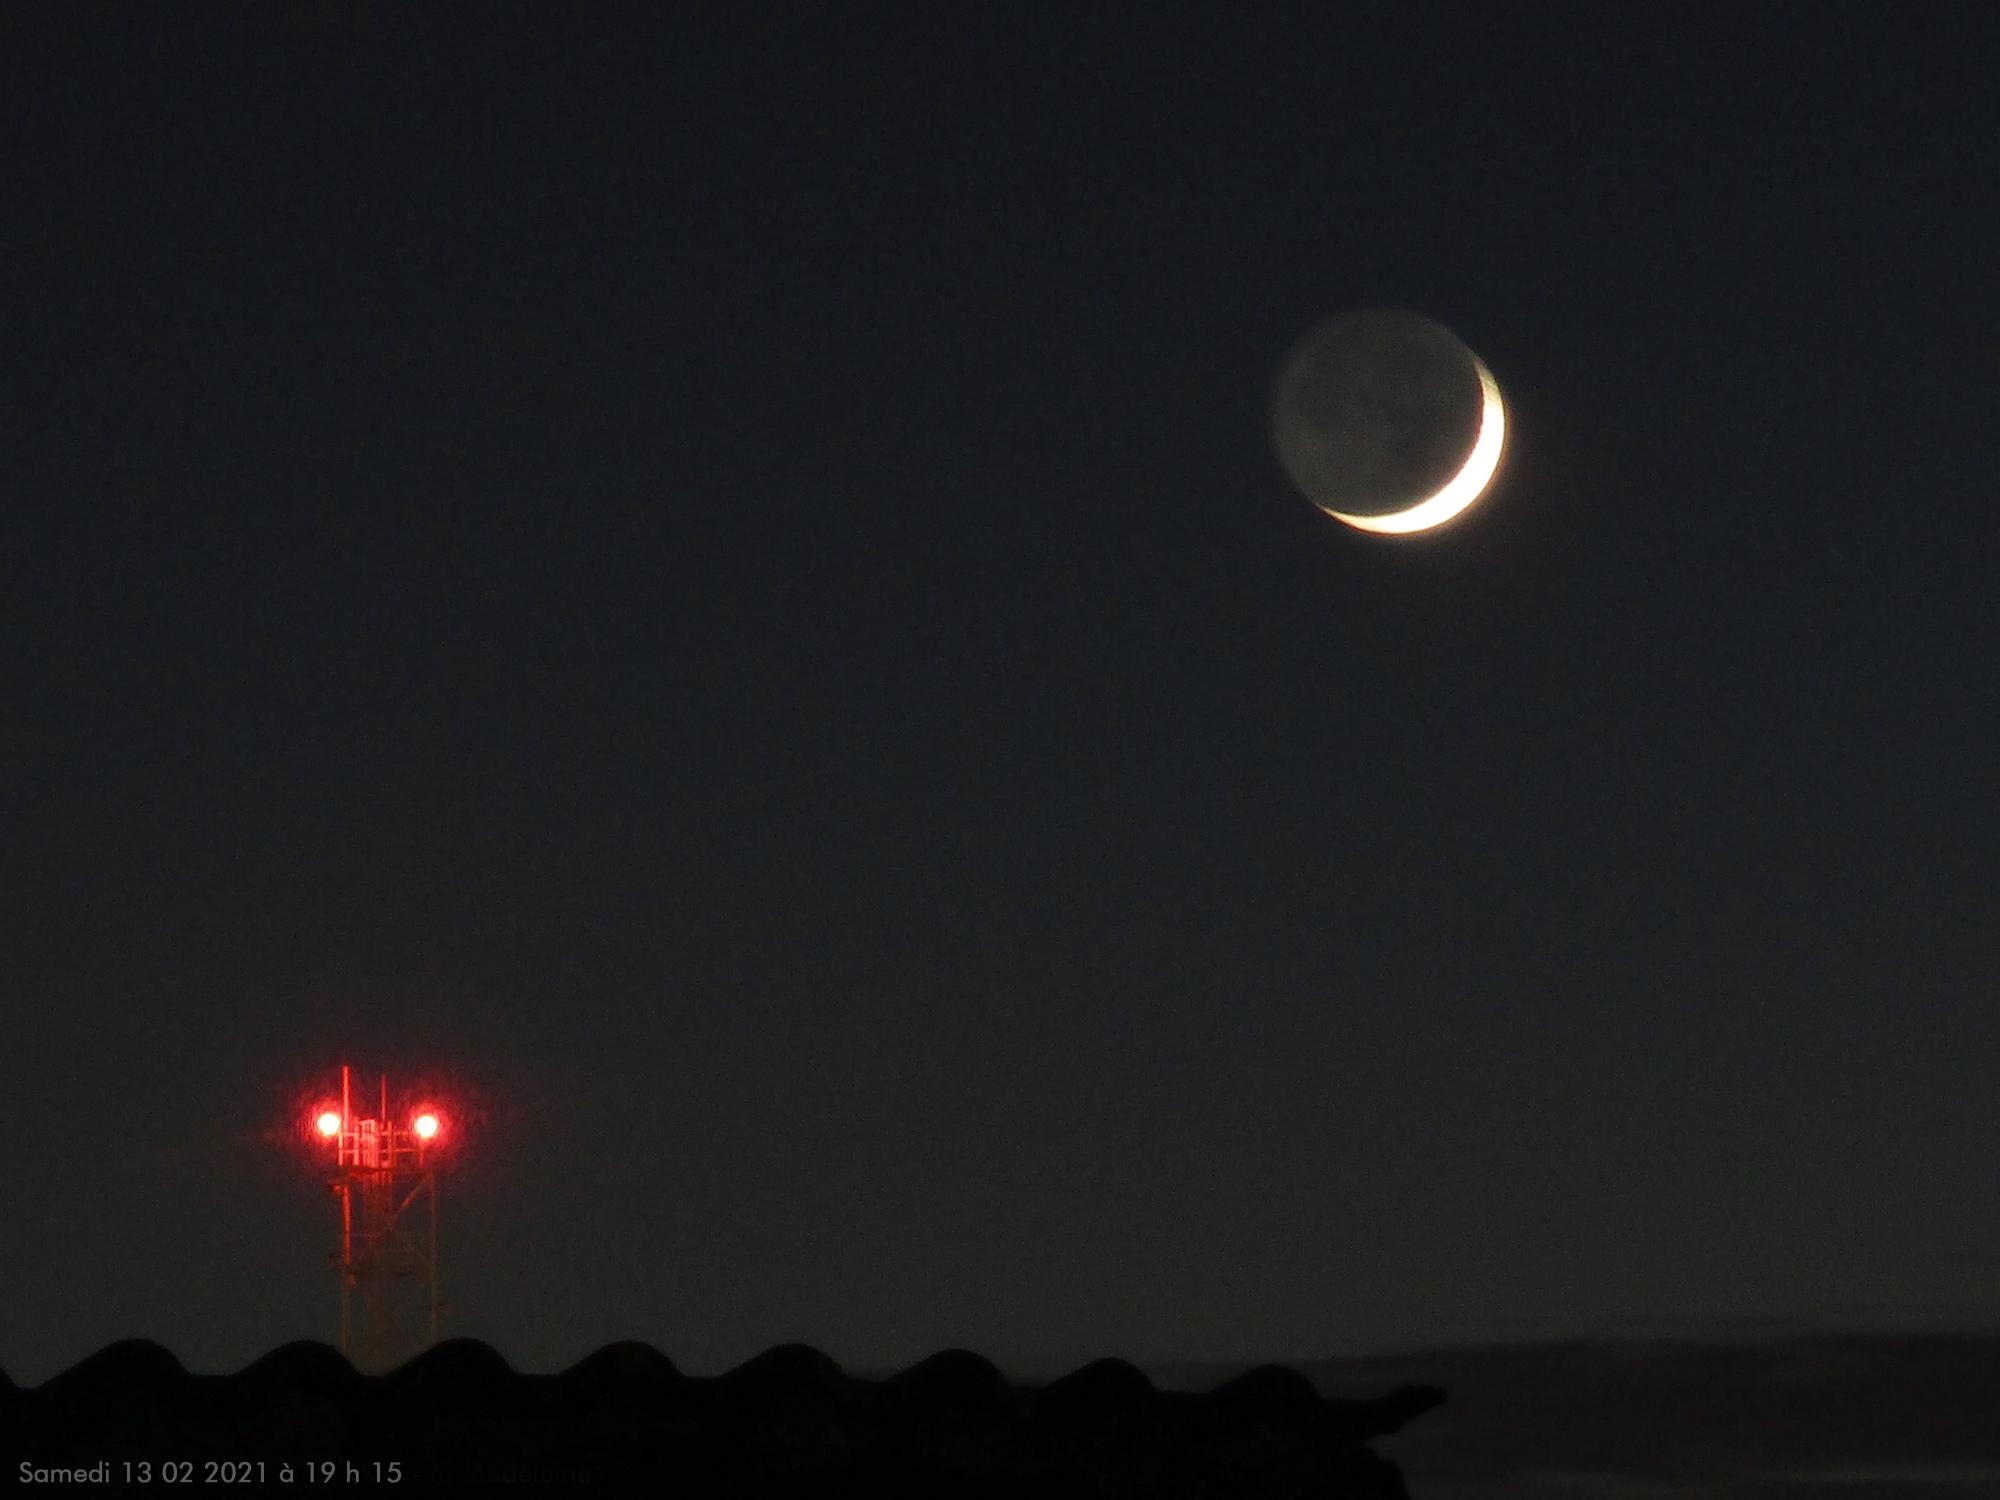 Lune cendrée du 13 fev 2021 webIII.jpg